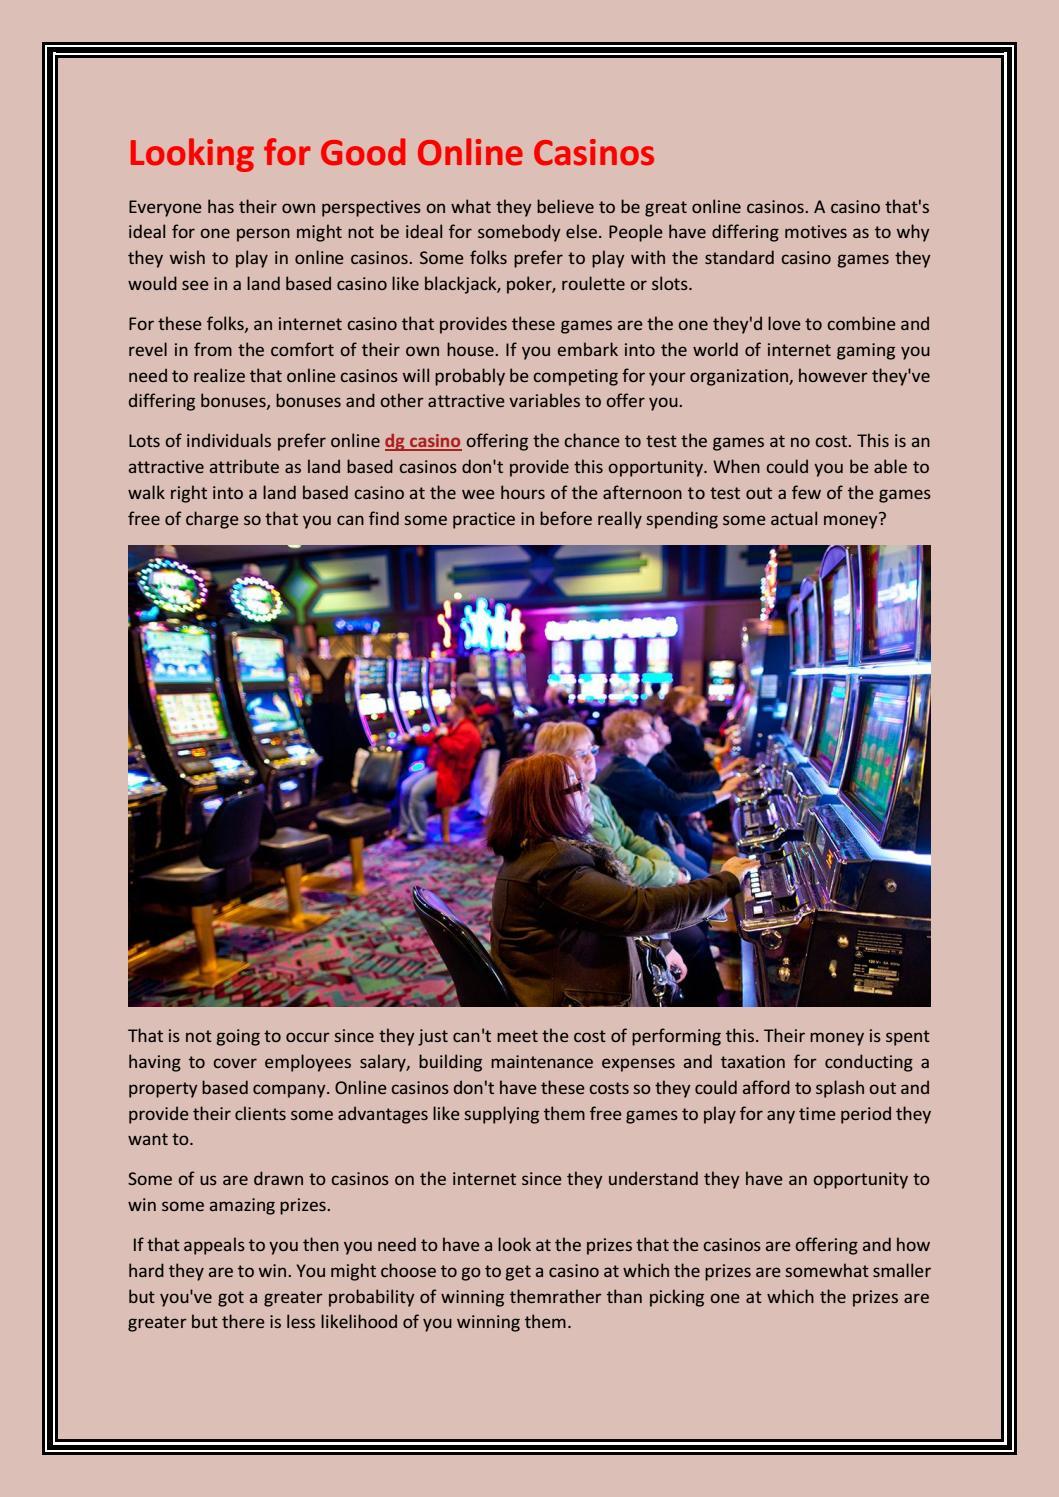 Онлайн казино директ камеди захват казино